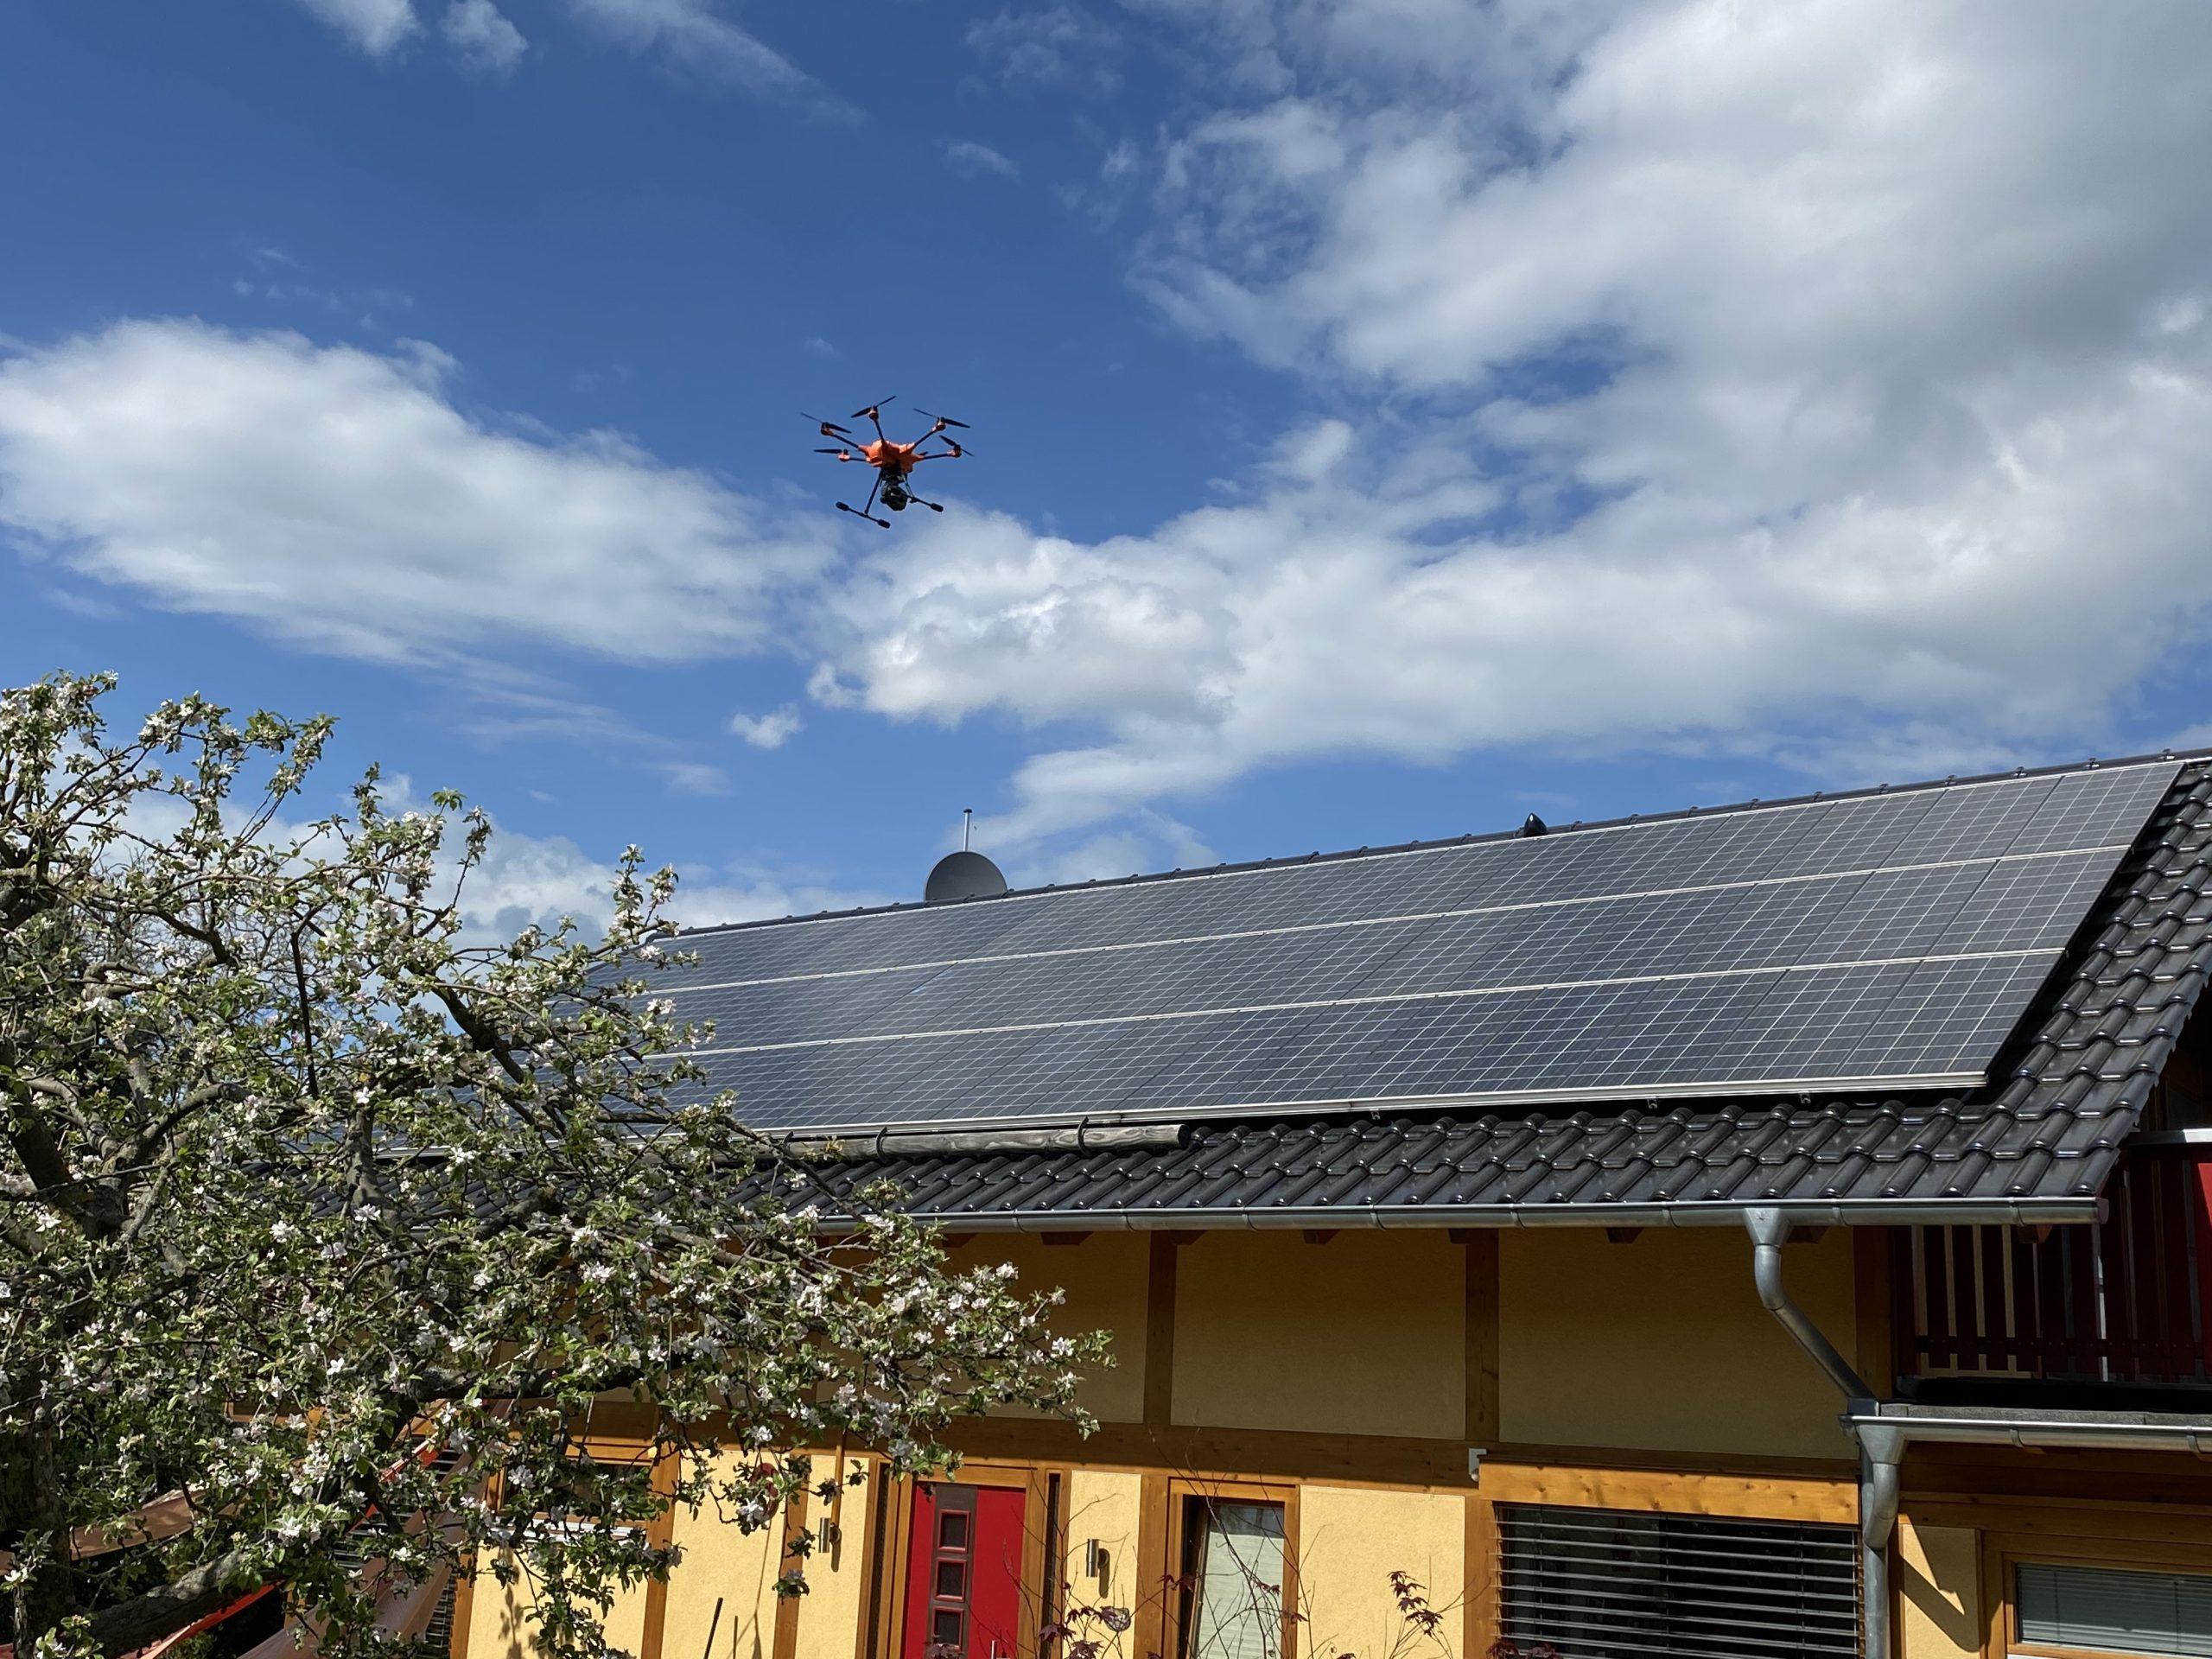 Drohne fliegt zur Vermessung der Solarfläche über das Haus